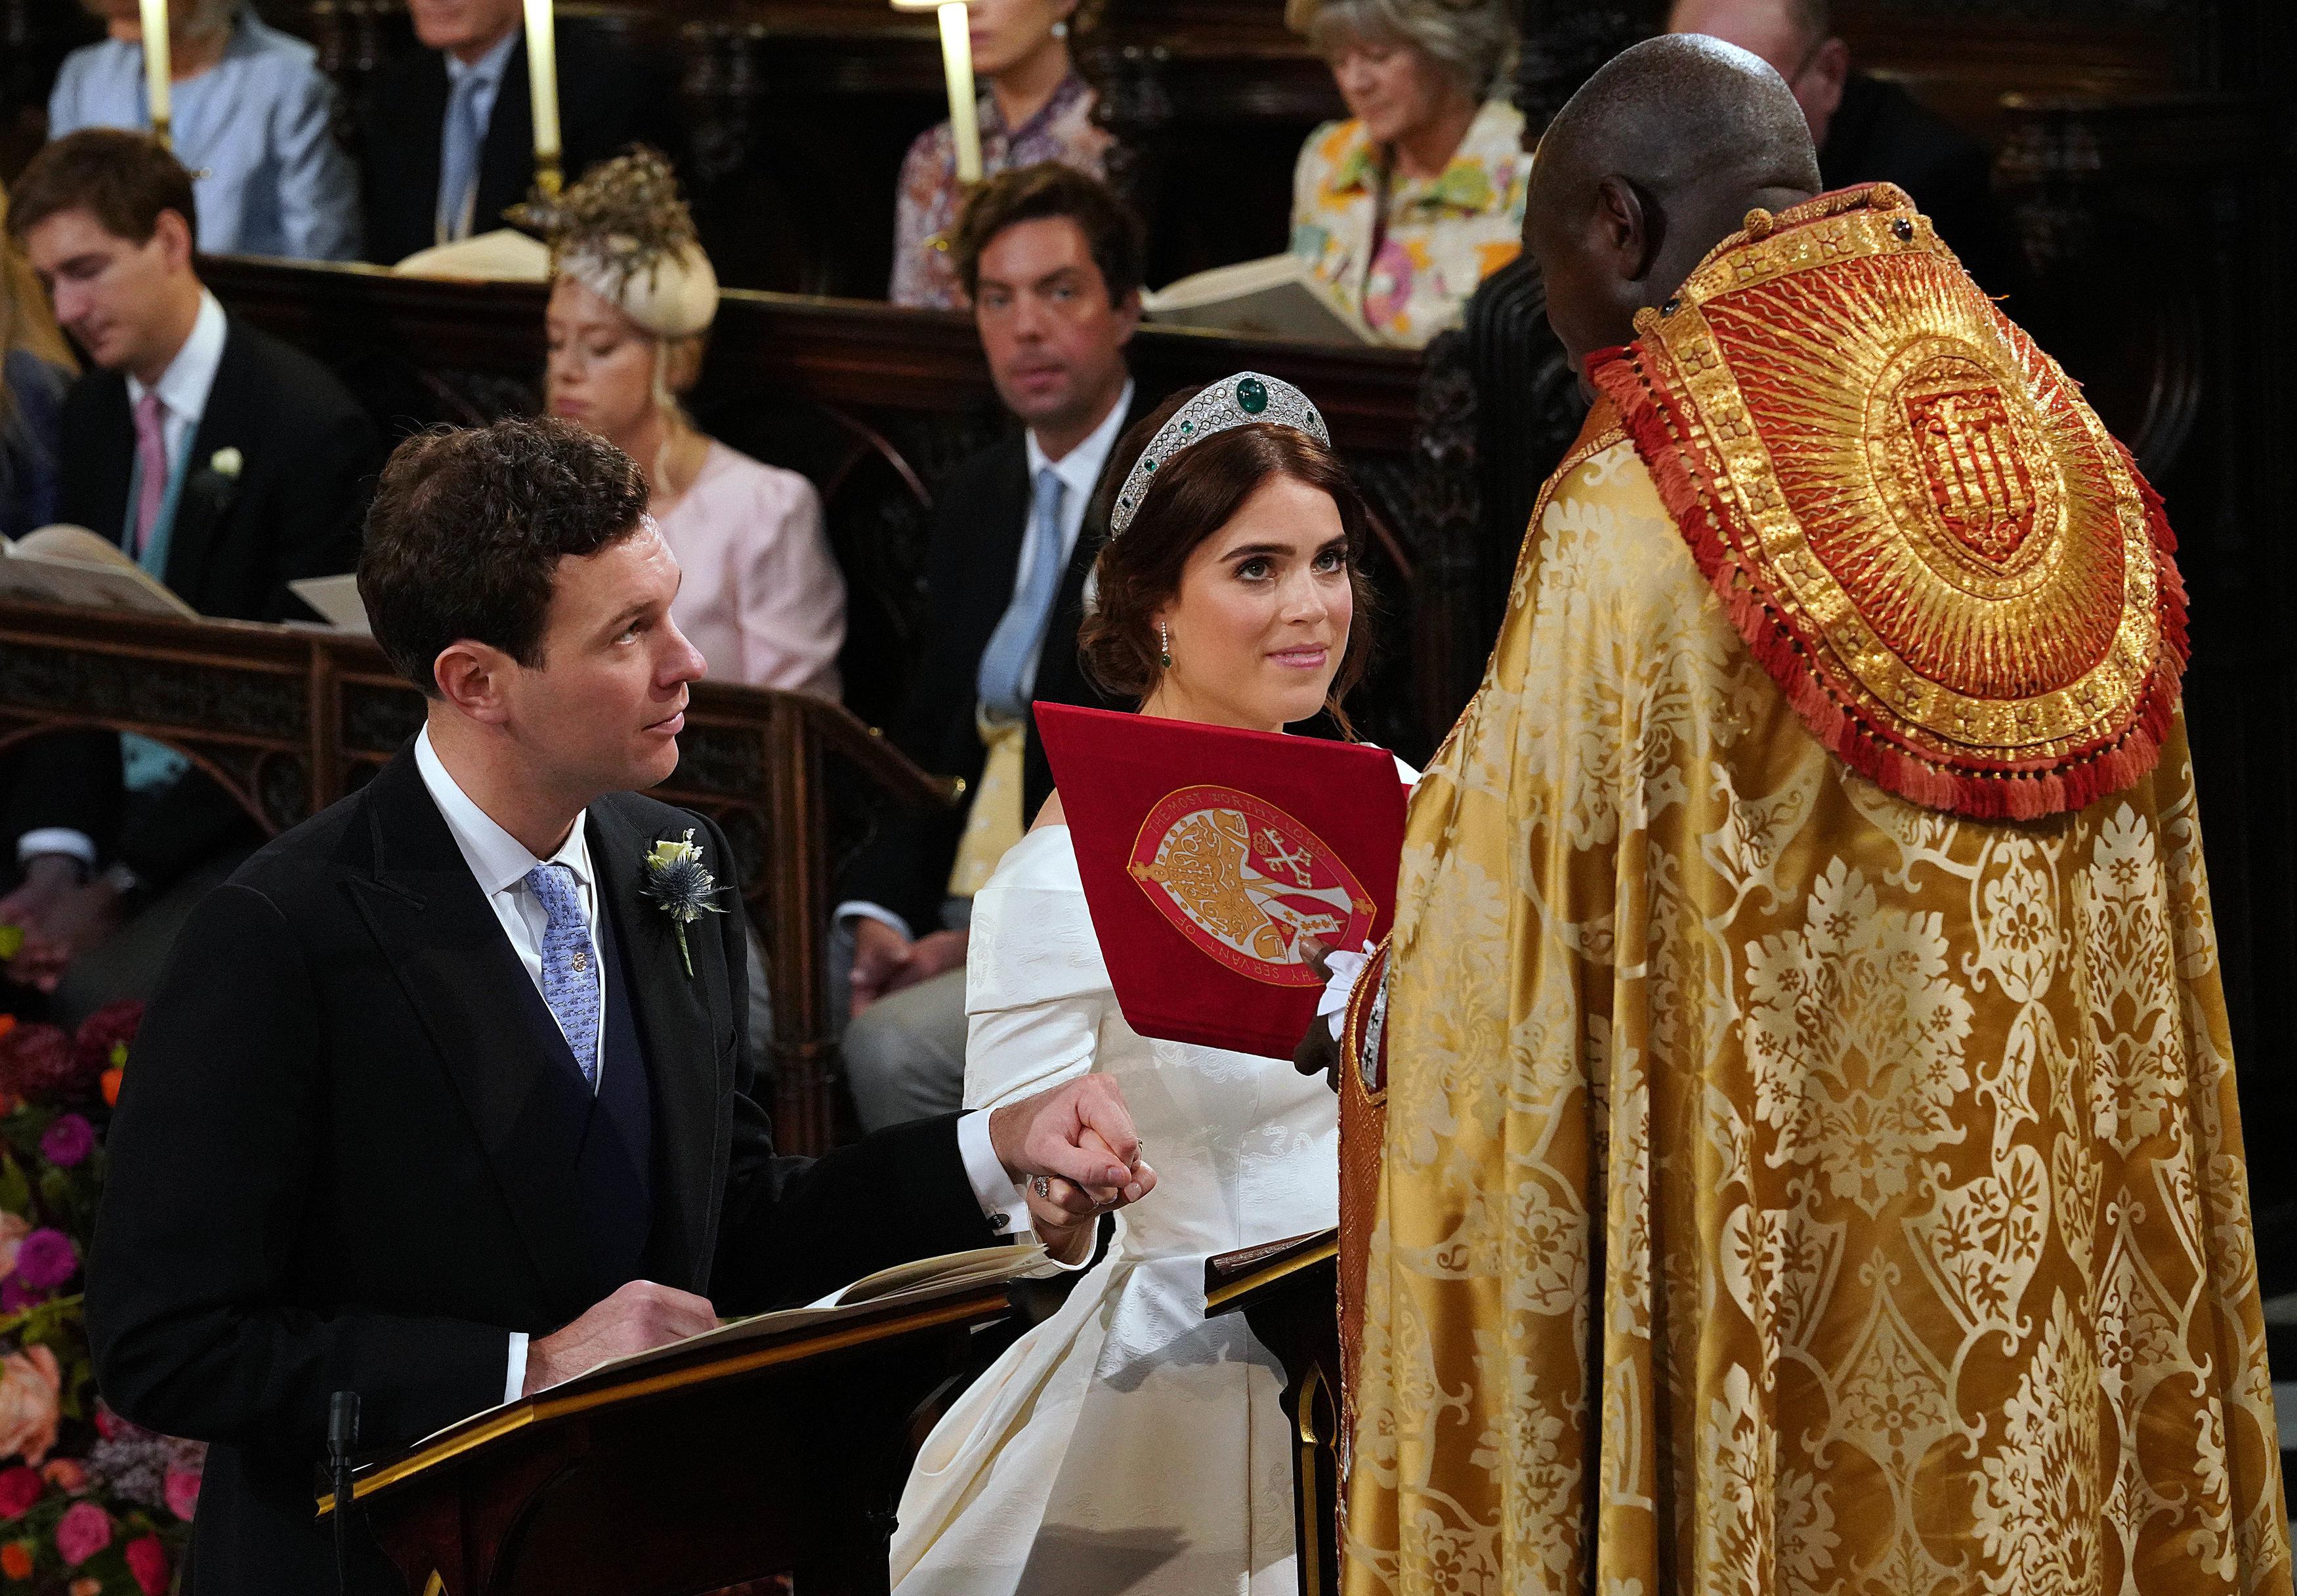 Британская принцесса Евгения из Йорка и Джек Бруксбанк колени перед алтарем во время их свадебной церемонии в часовне Святого Георгия